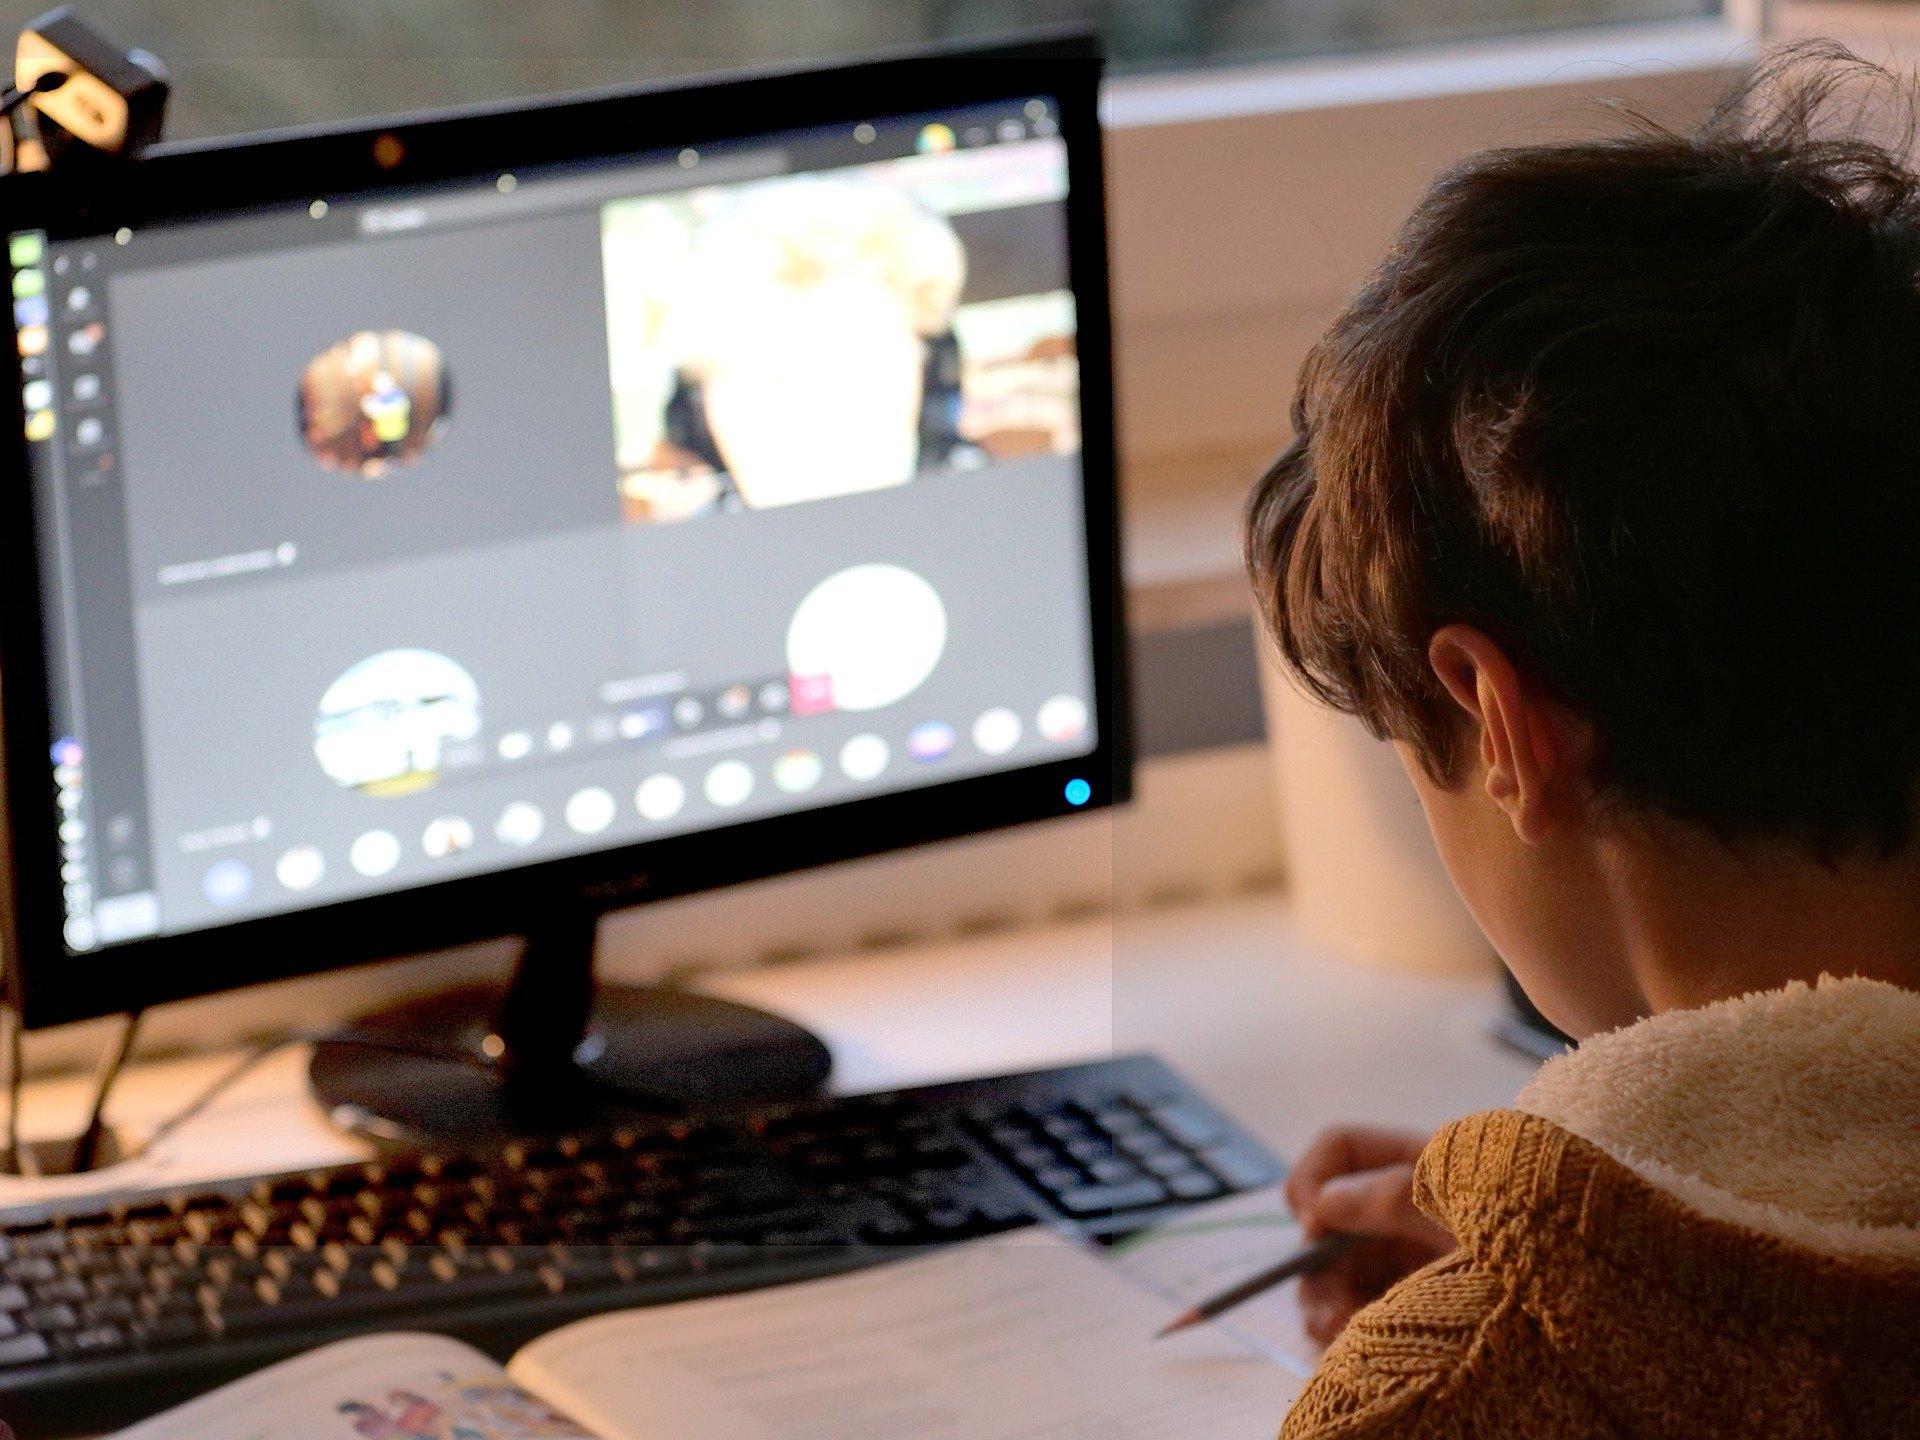 Nederlandse hackers krijgen 200.000 dollar voor ontdekken groot lek in Zoom